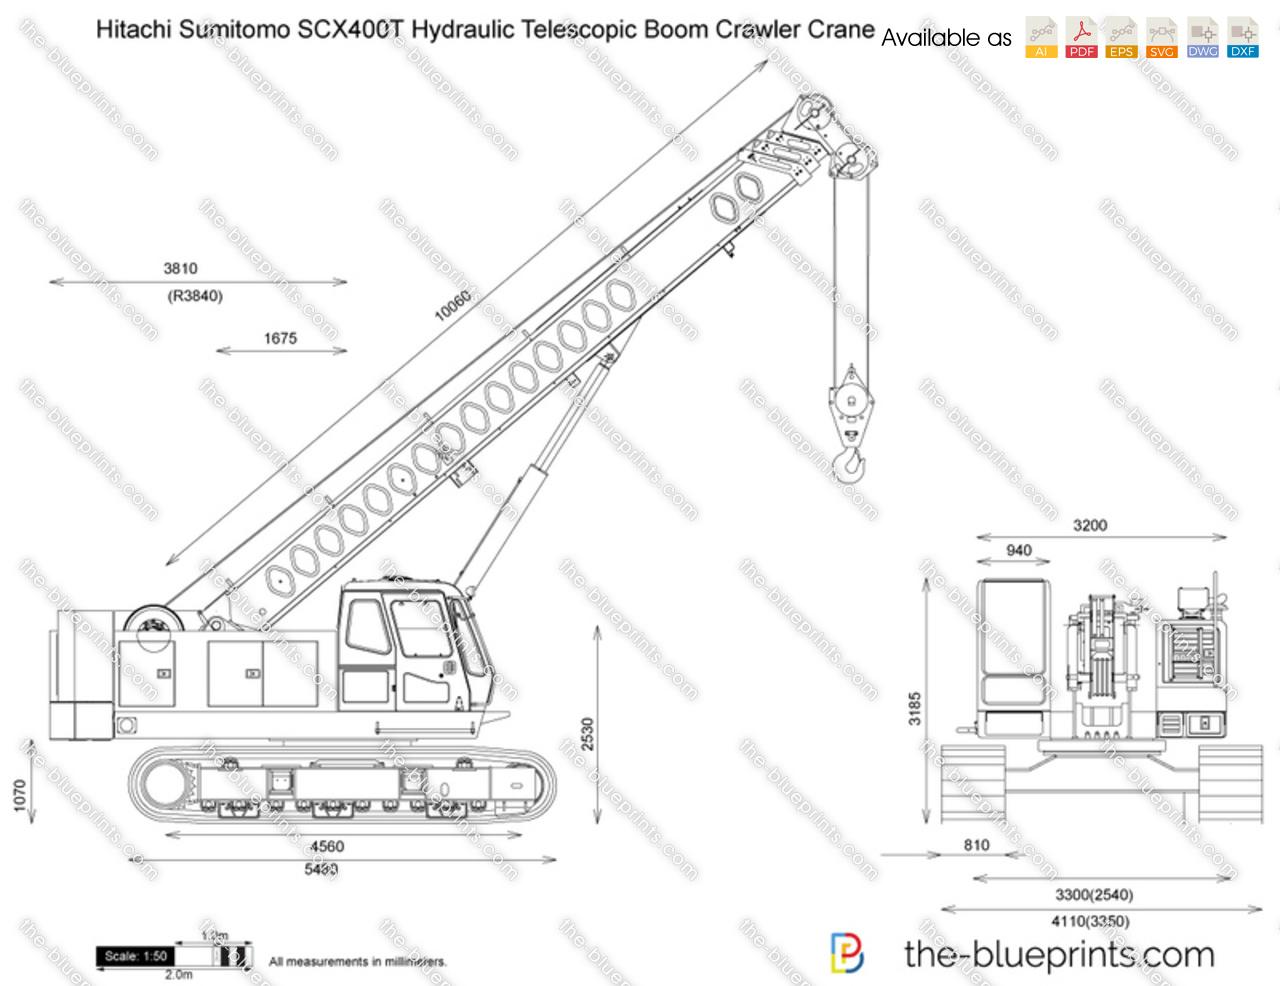 Hitachi Sumitomo Scx400t Hydraulic Telescopic Boom Crawler